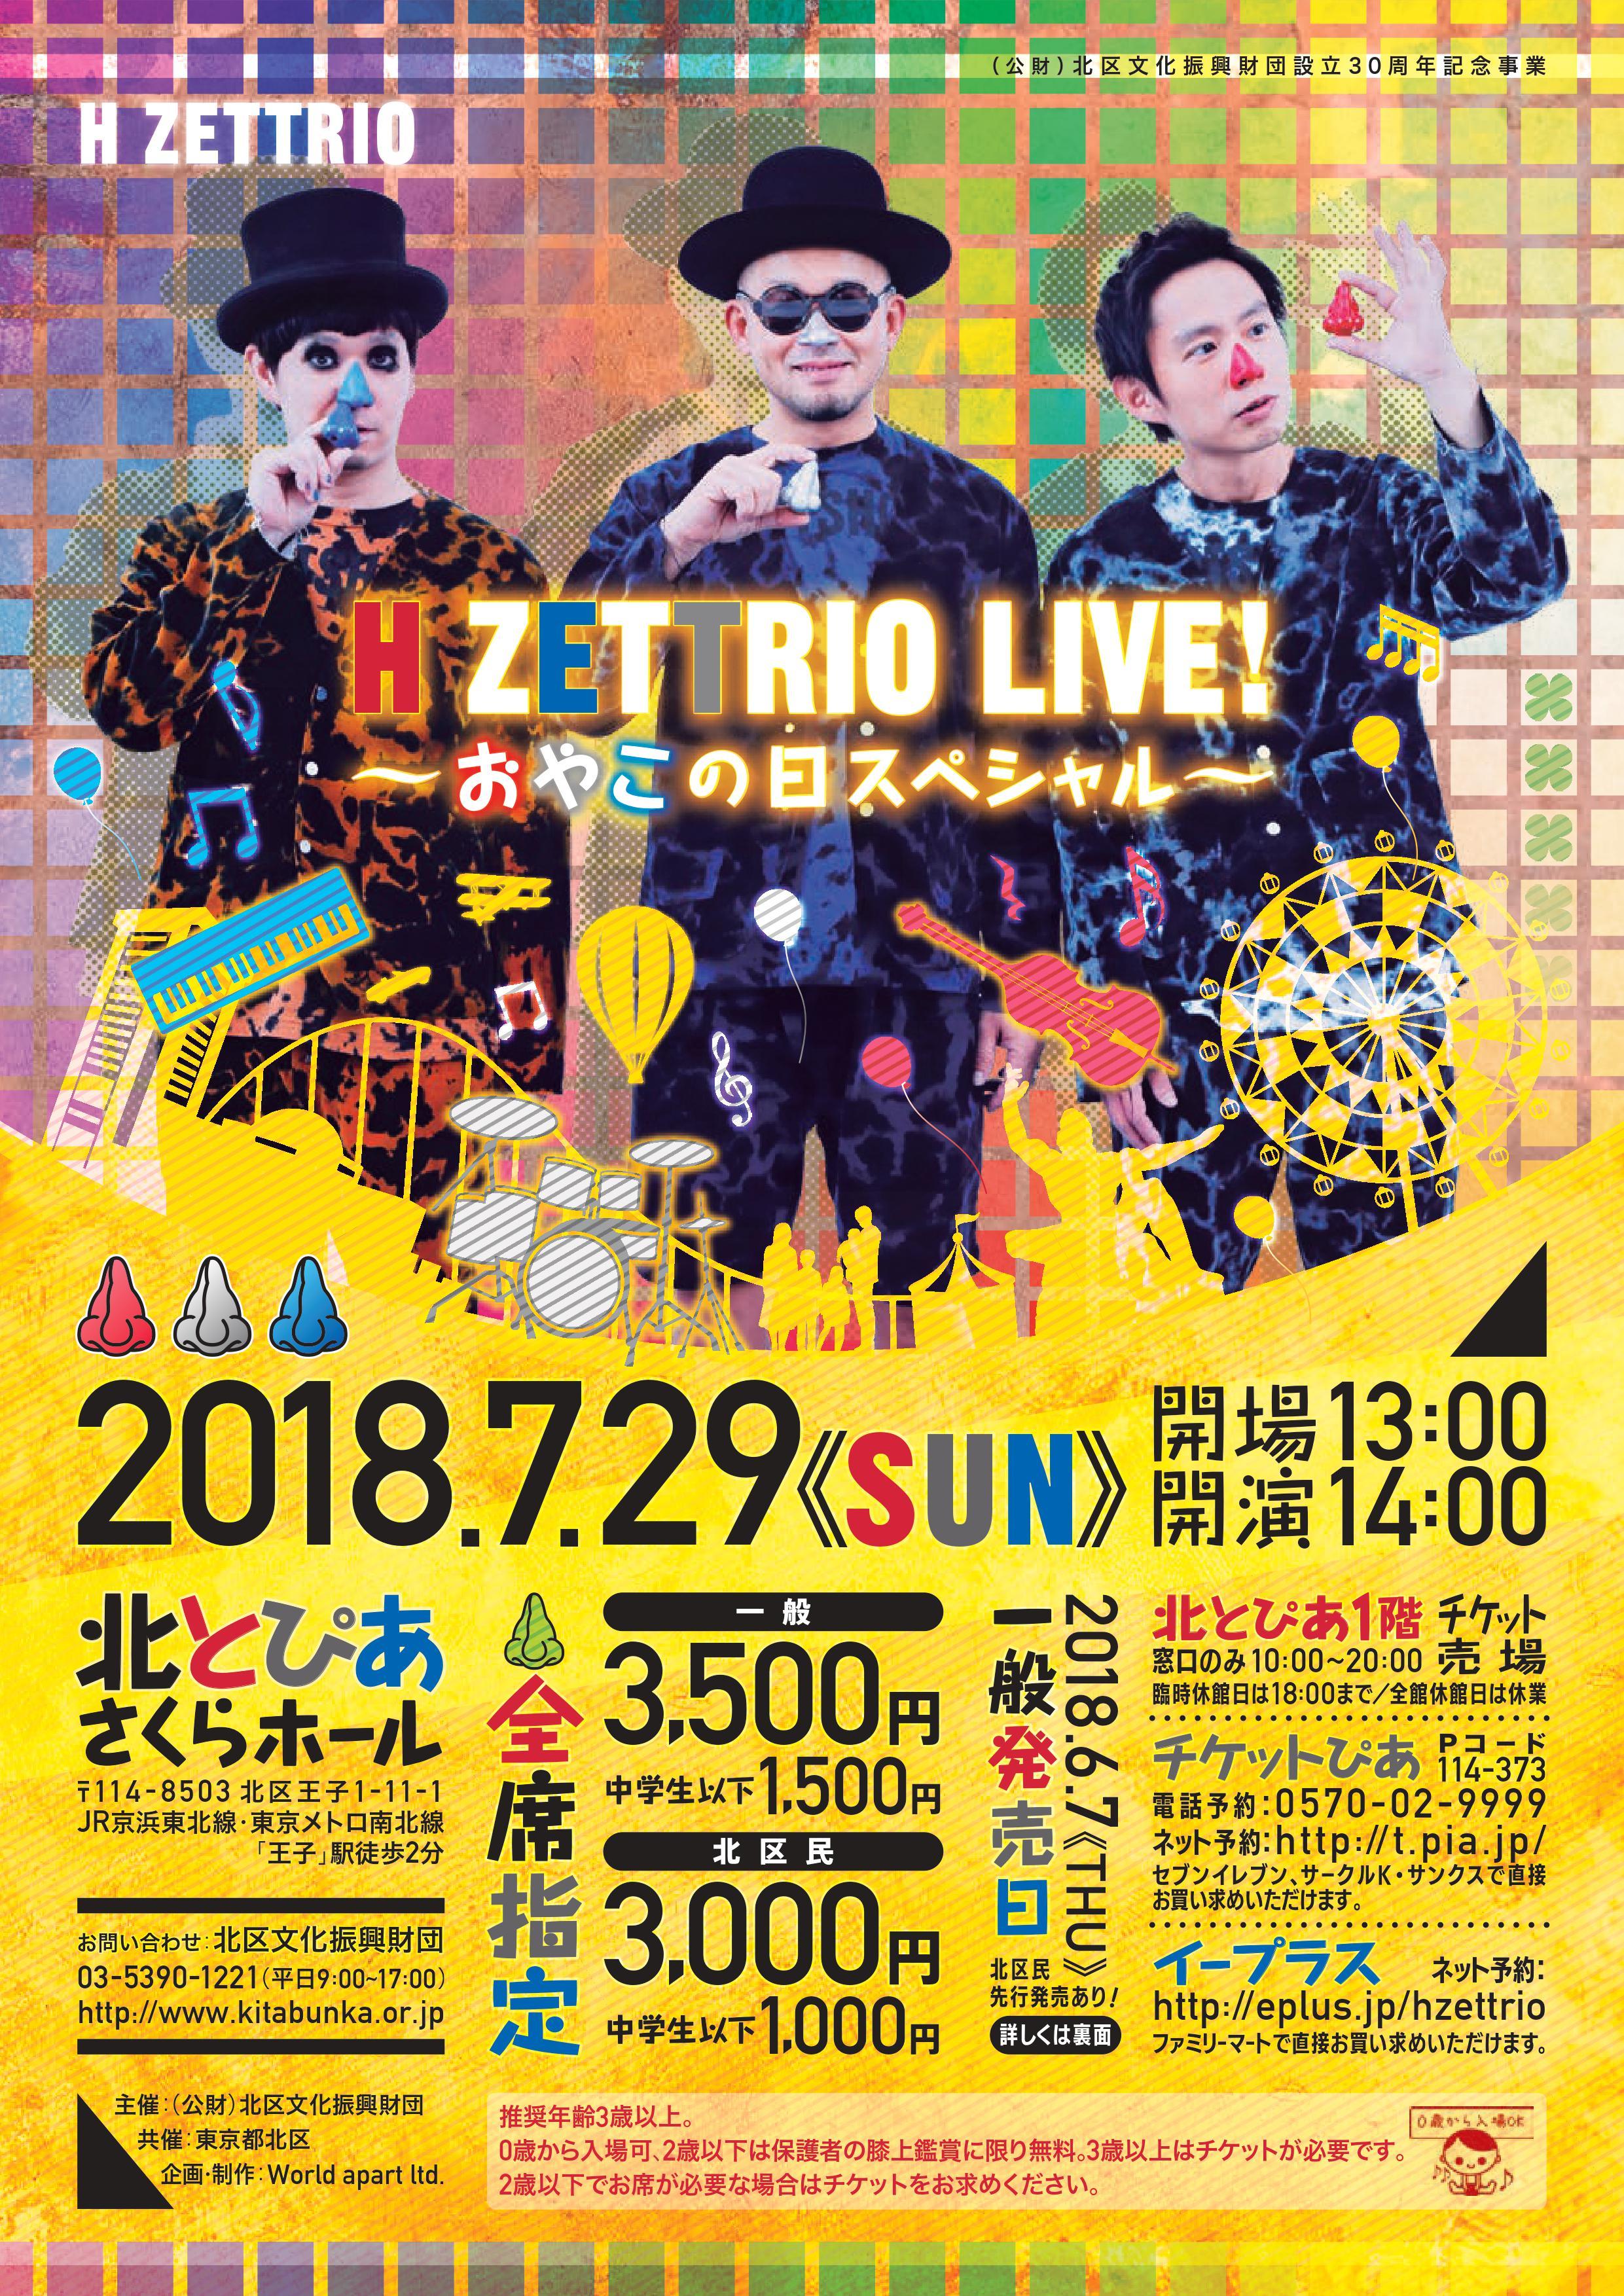 H ZETTRIO LIVE!  ~おやこの日スペシャル~